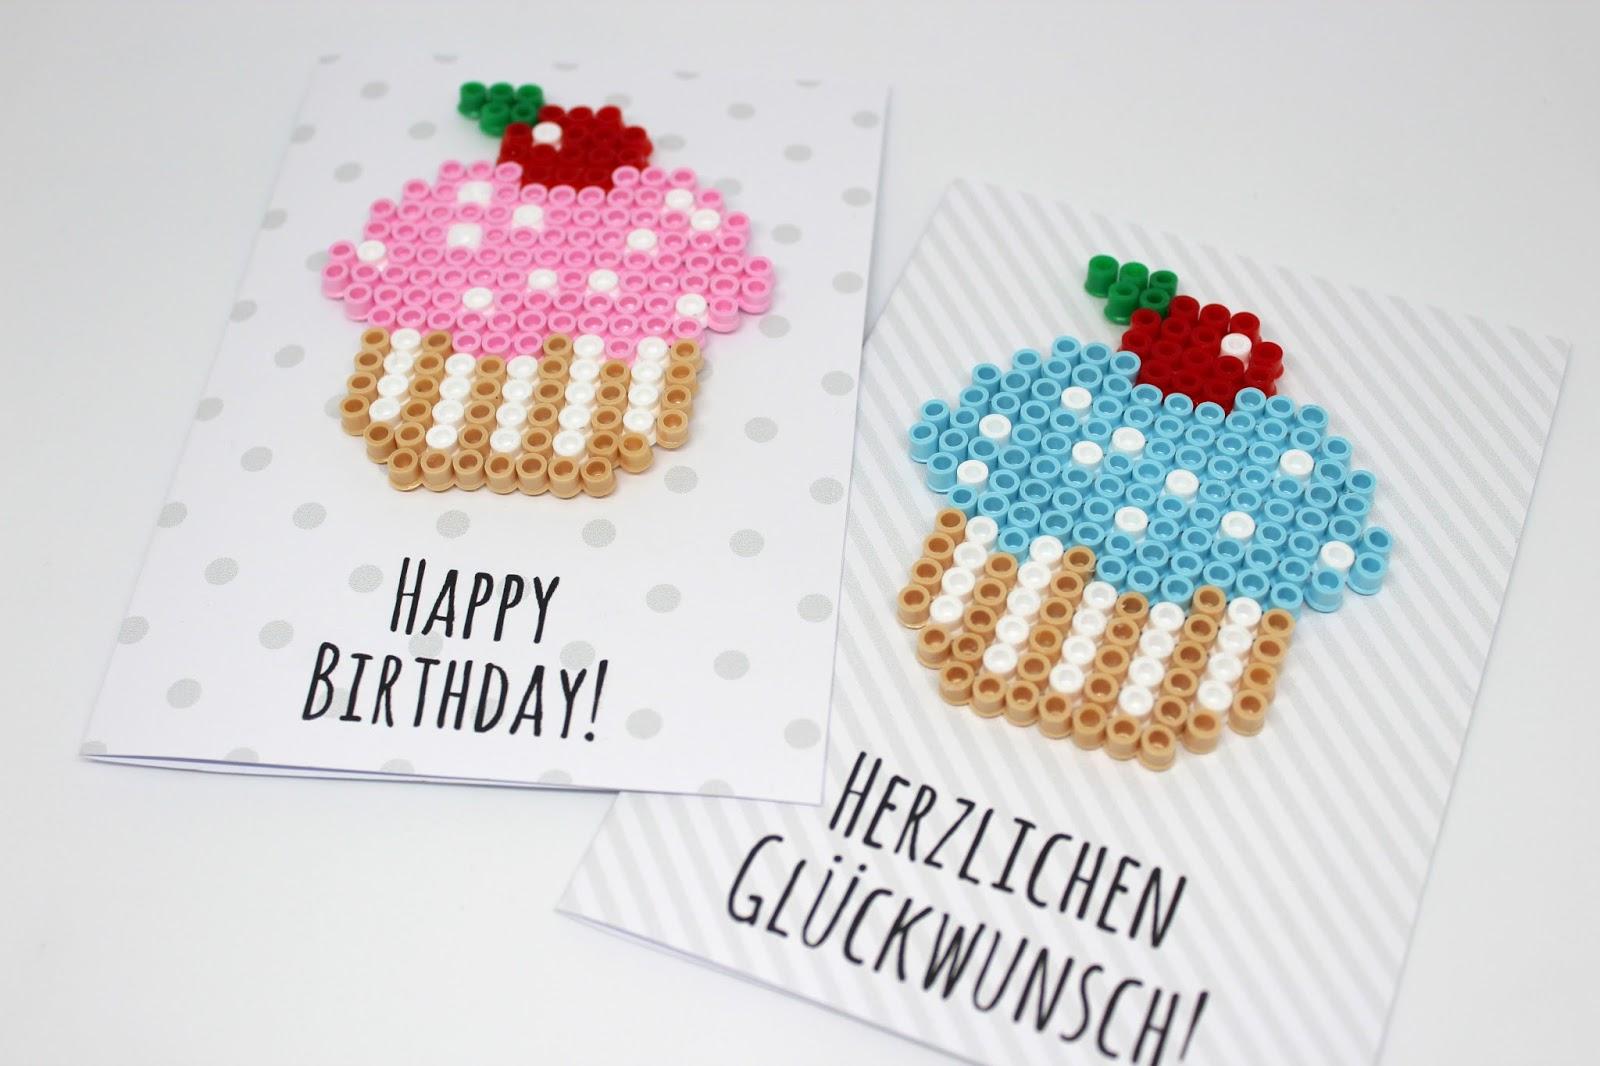 Diy Geburtstagkarten Aus Hama Bugelperlen Selber Machen Kostenlose